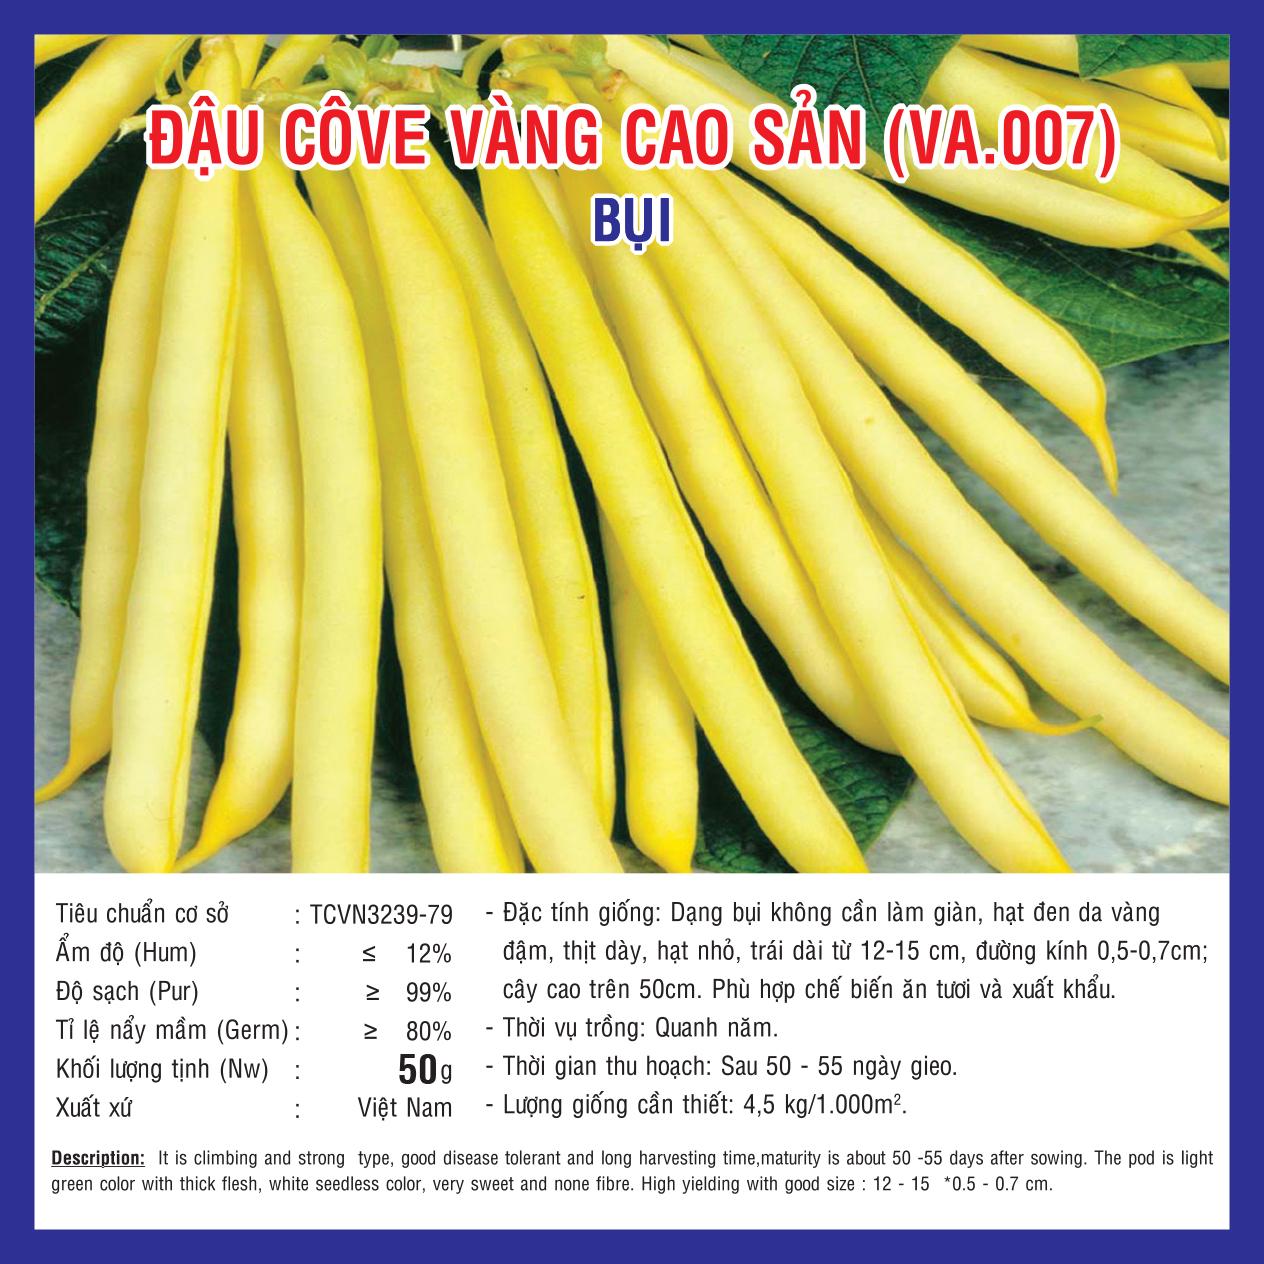 ĐẬU COVE VÀNG CAO SẢN (VA.007) 50gr